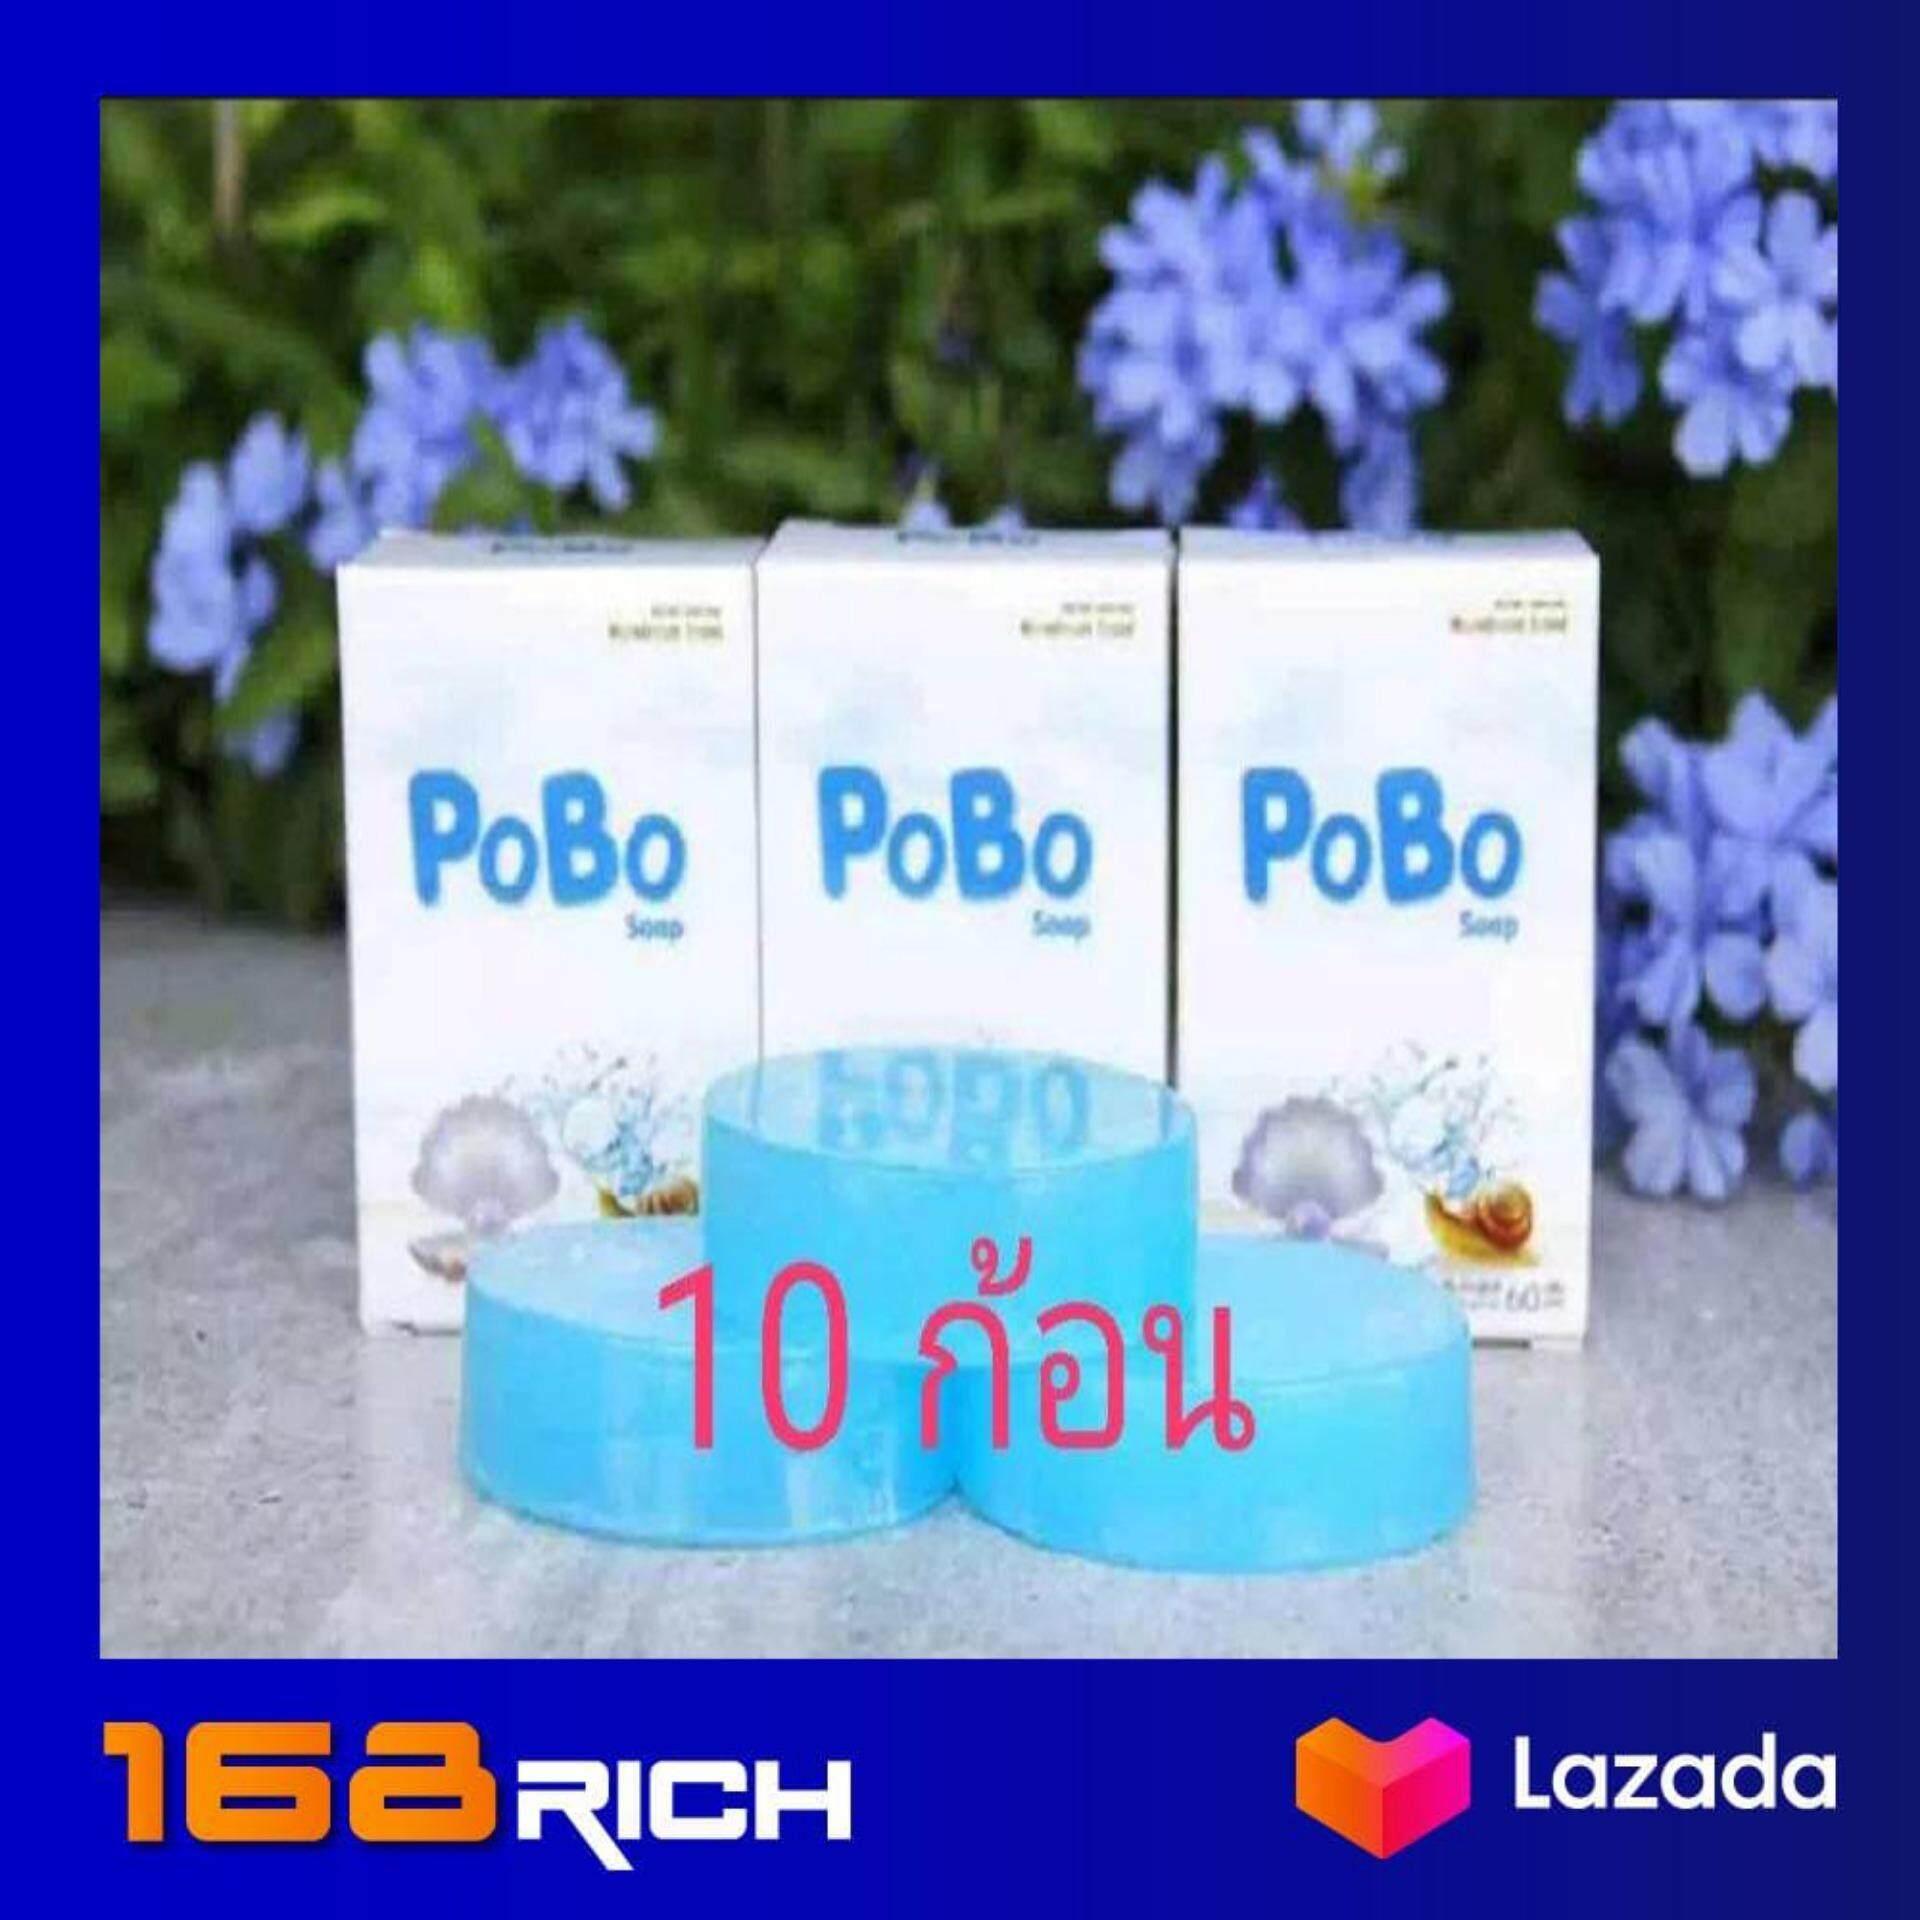 ( 10 ก้อน/แท้/พร้อมส่ง) PoBo สบู่น้ำแร่ คอลลาเจน สบู่โพะโบะ 60 กรัม เผยให้ผิวเนียนใส ไร้สิว